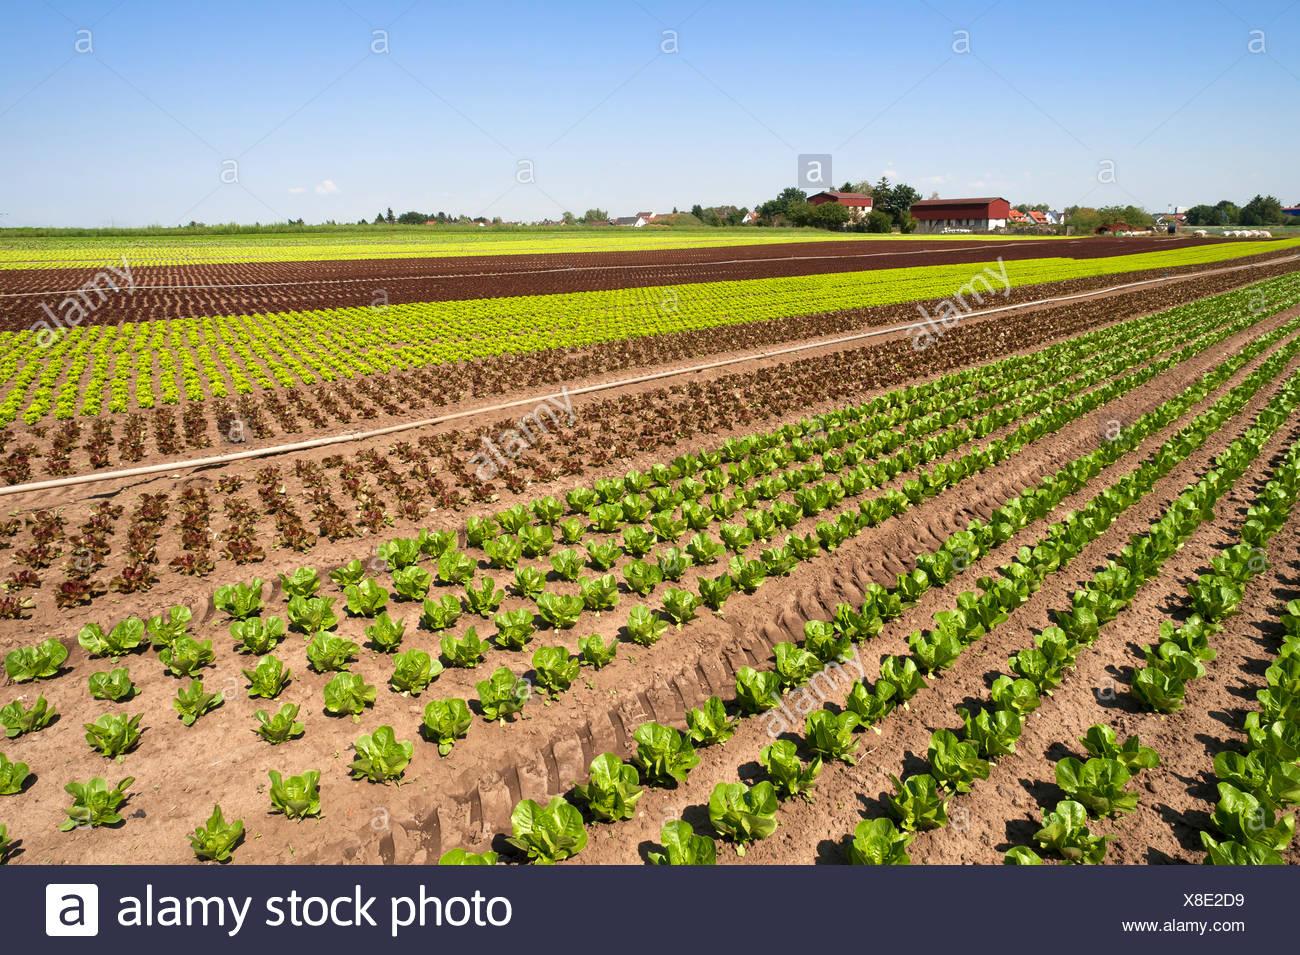 """Salat, Anbau in """"Knoblauch""""Land, Gemüseanbau, Bereich in Höfles in der Nähe von Nürnberg, Middle Franconia, Bayern, Deutschland Stockfoto"""